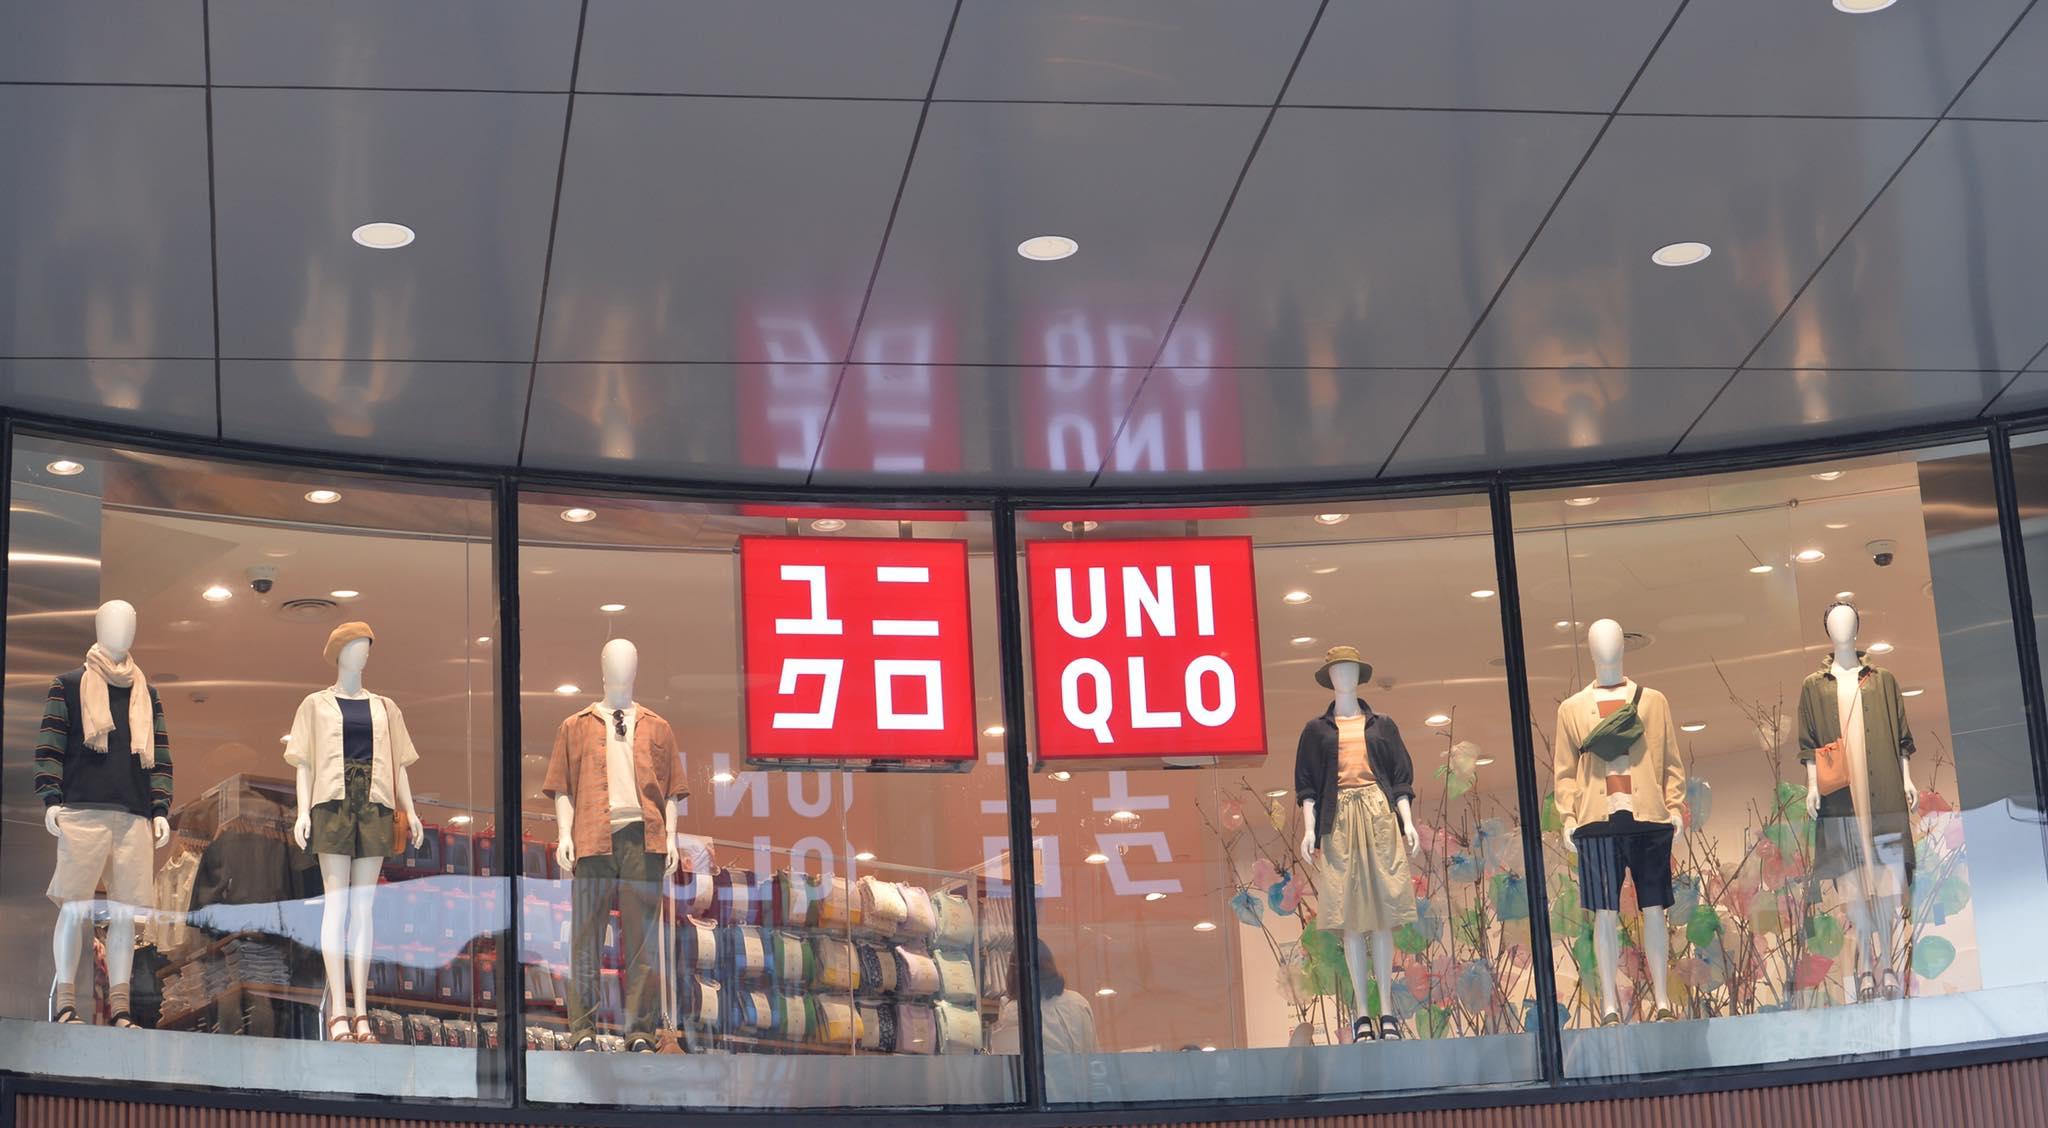 """Giờ G đã điểm, UNIQLO chính thức khai trương """"nam thanh nữ tú"""" xếp hàng dài chật kín trước sảnh Vincom Phạm Ngọc Thạch - Ảnh 1."""